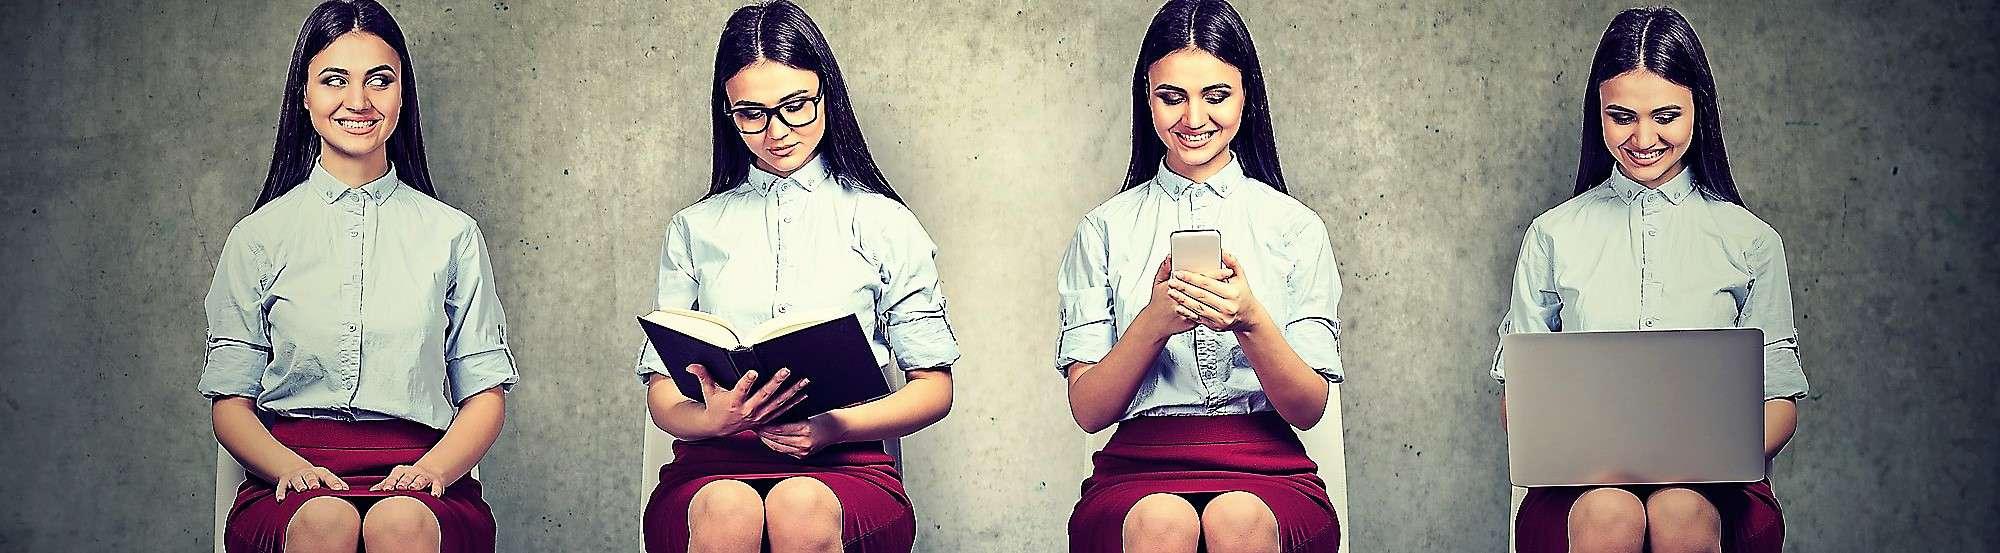 Mit gutem Content erzeugen Sie Aufmerksamkeit und schaffen Vertrauen